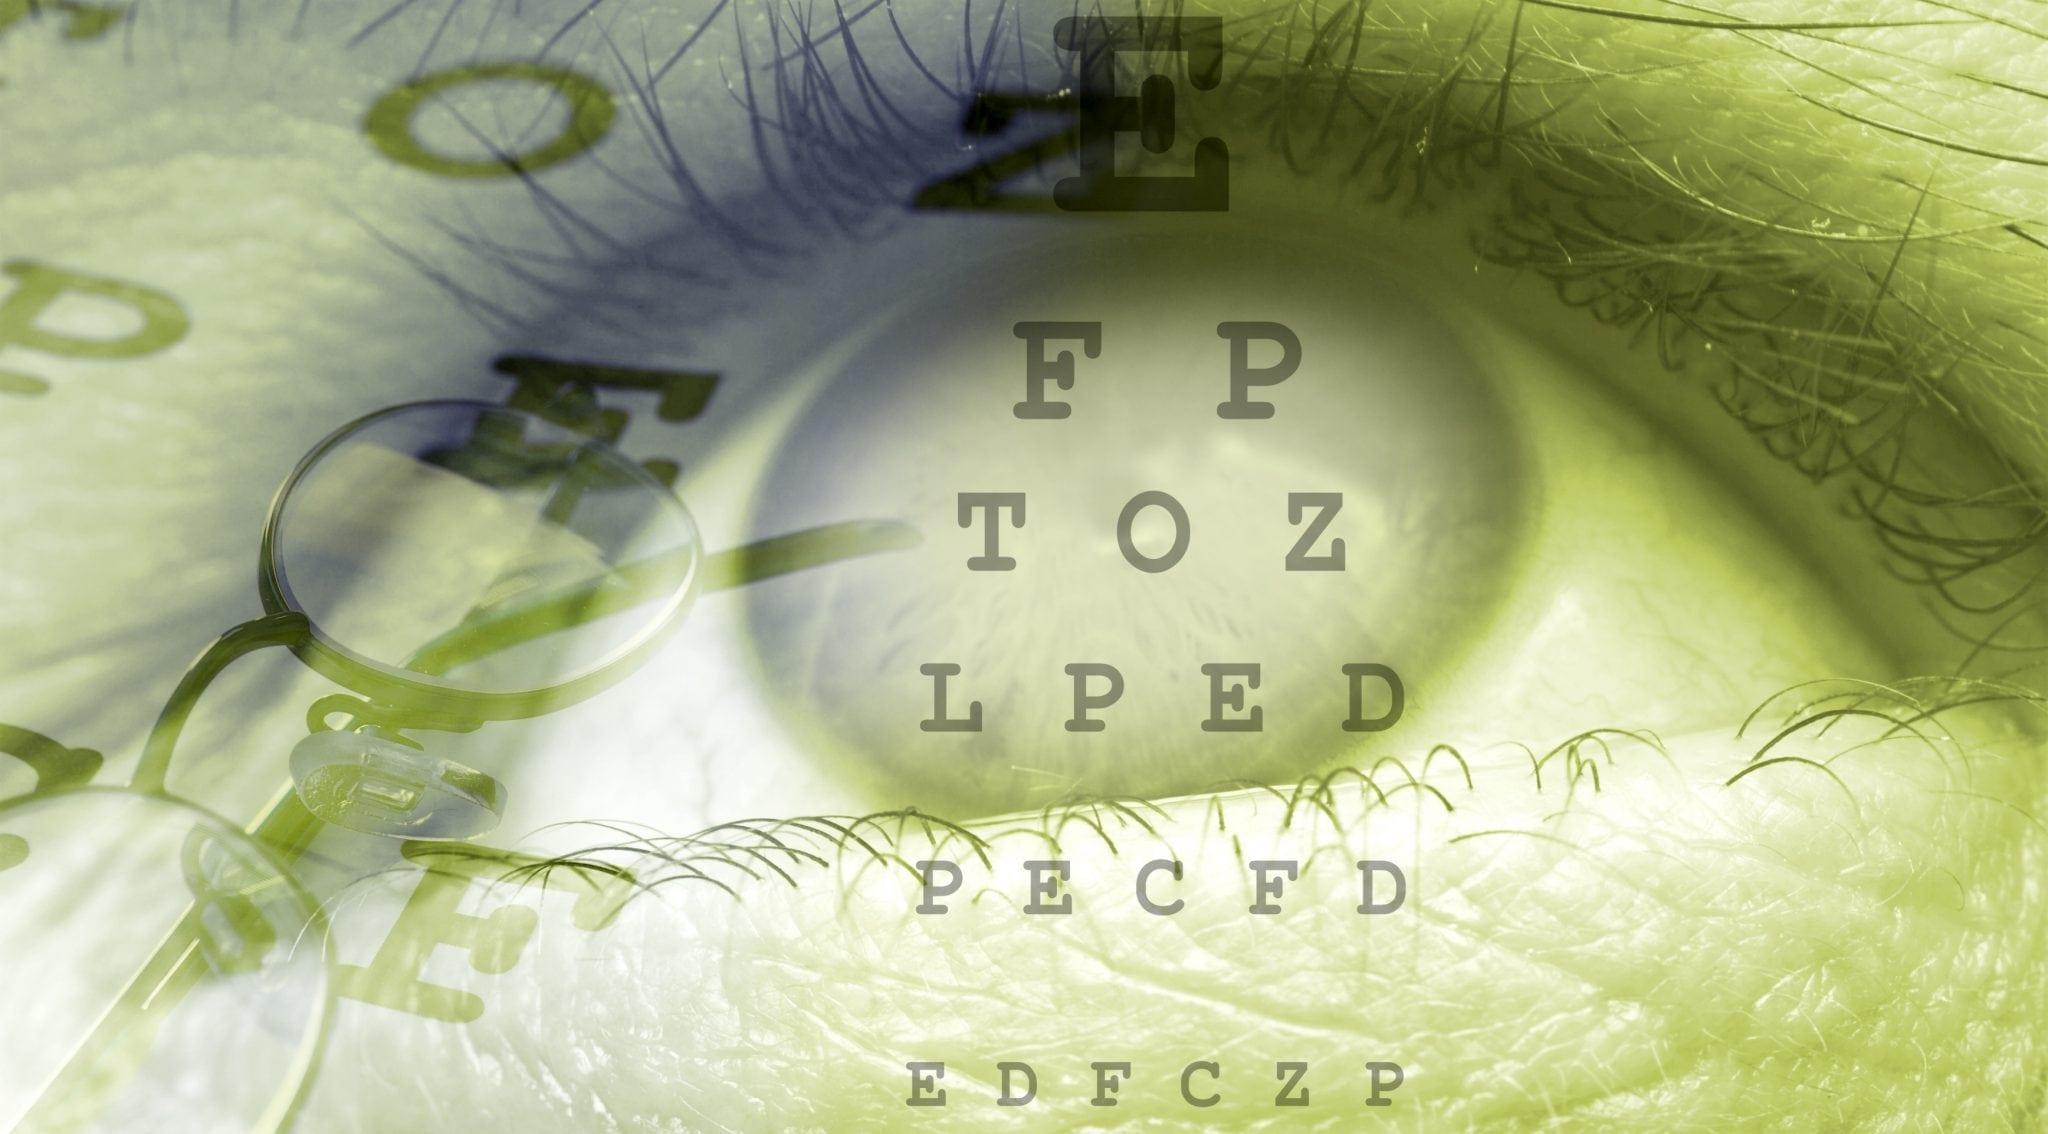 Eyesight Test For Driving License